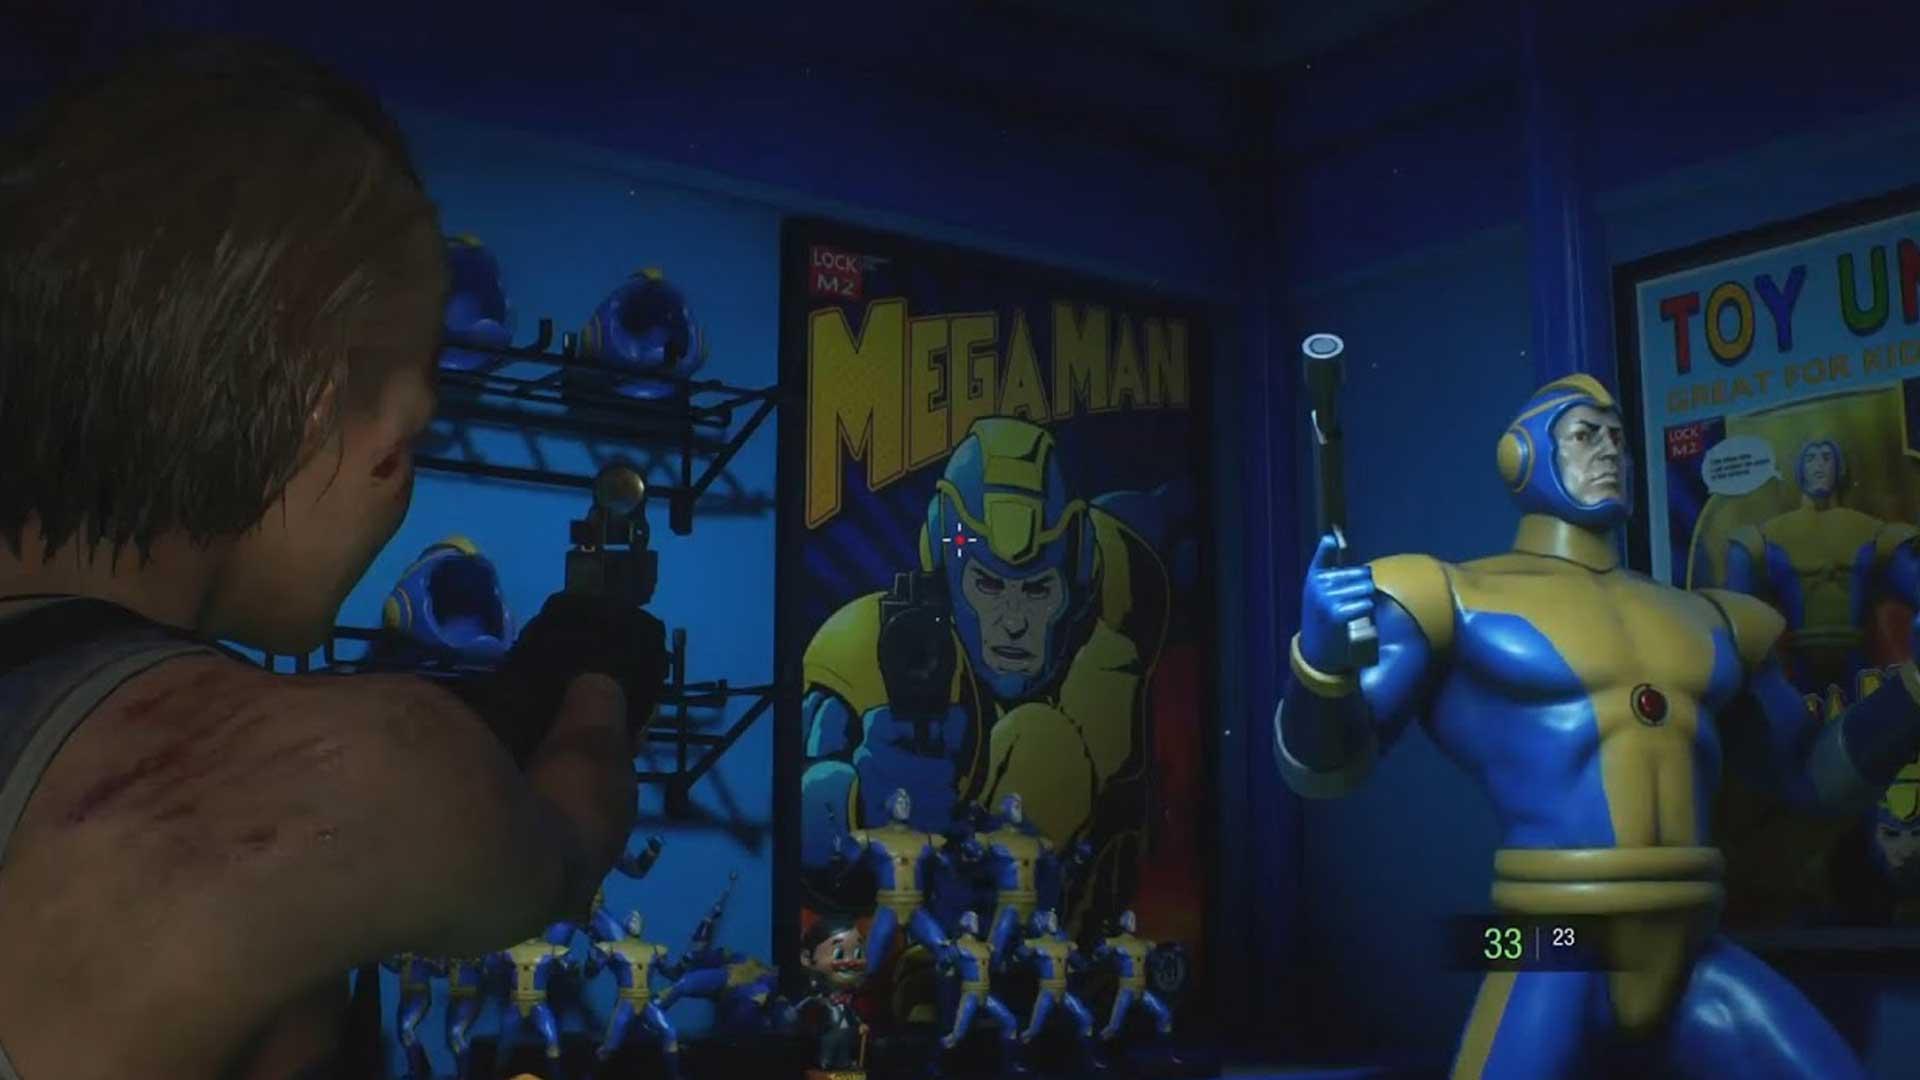 Мега-Человек / Призраки и Гоблины